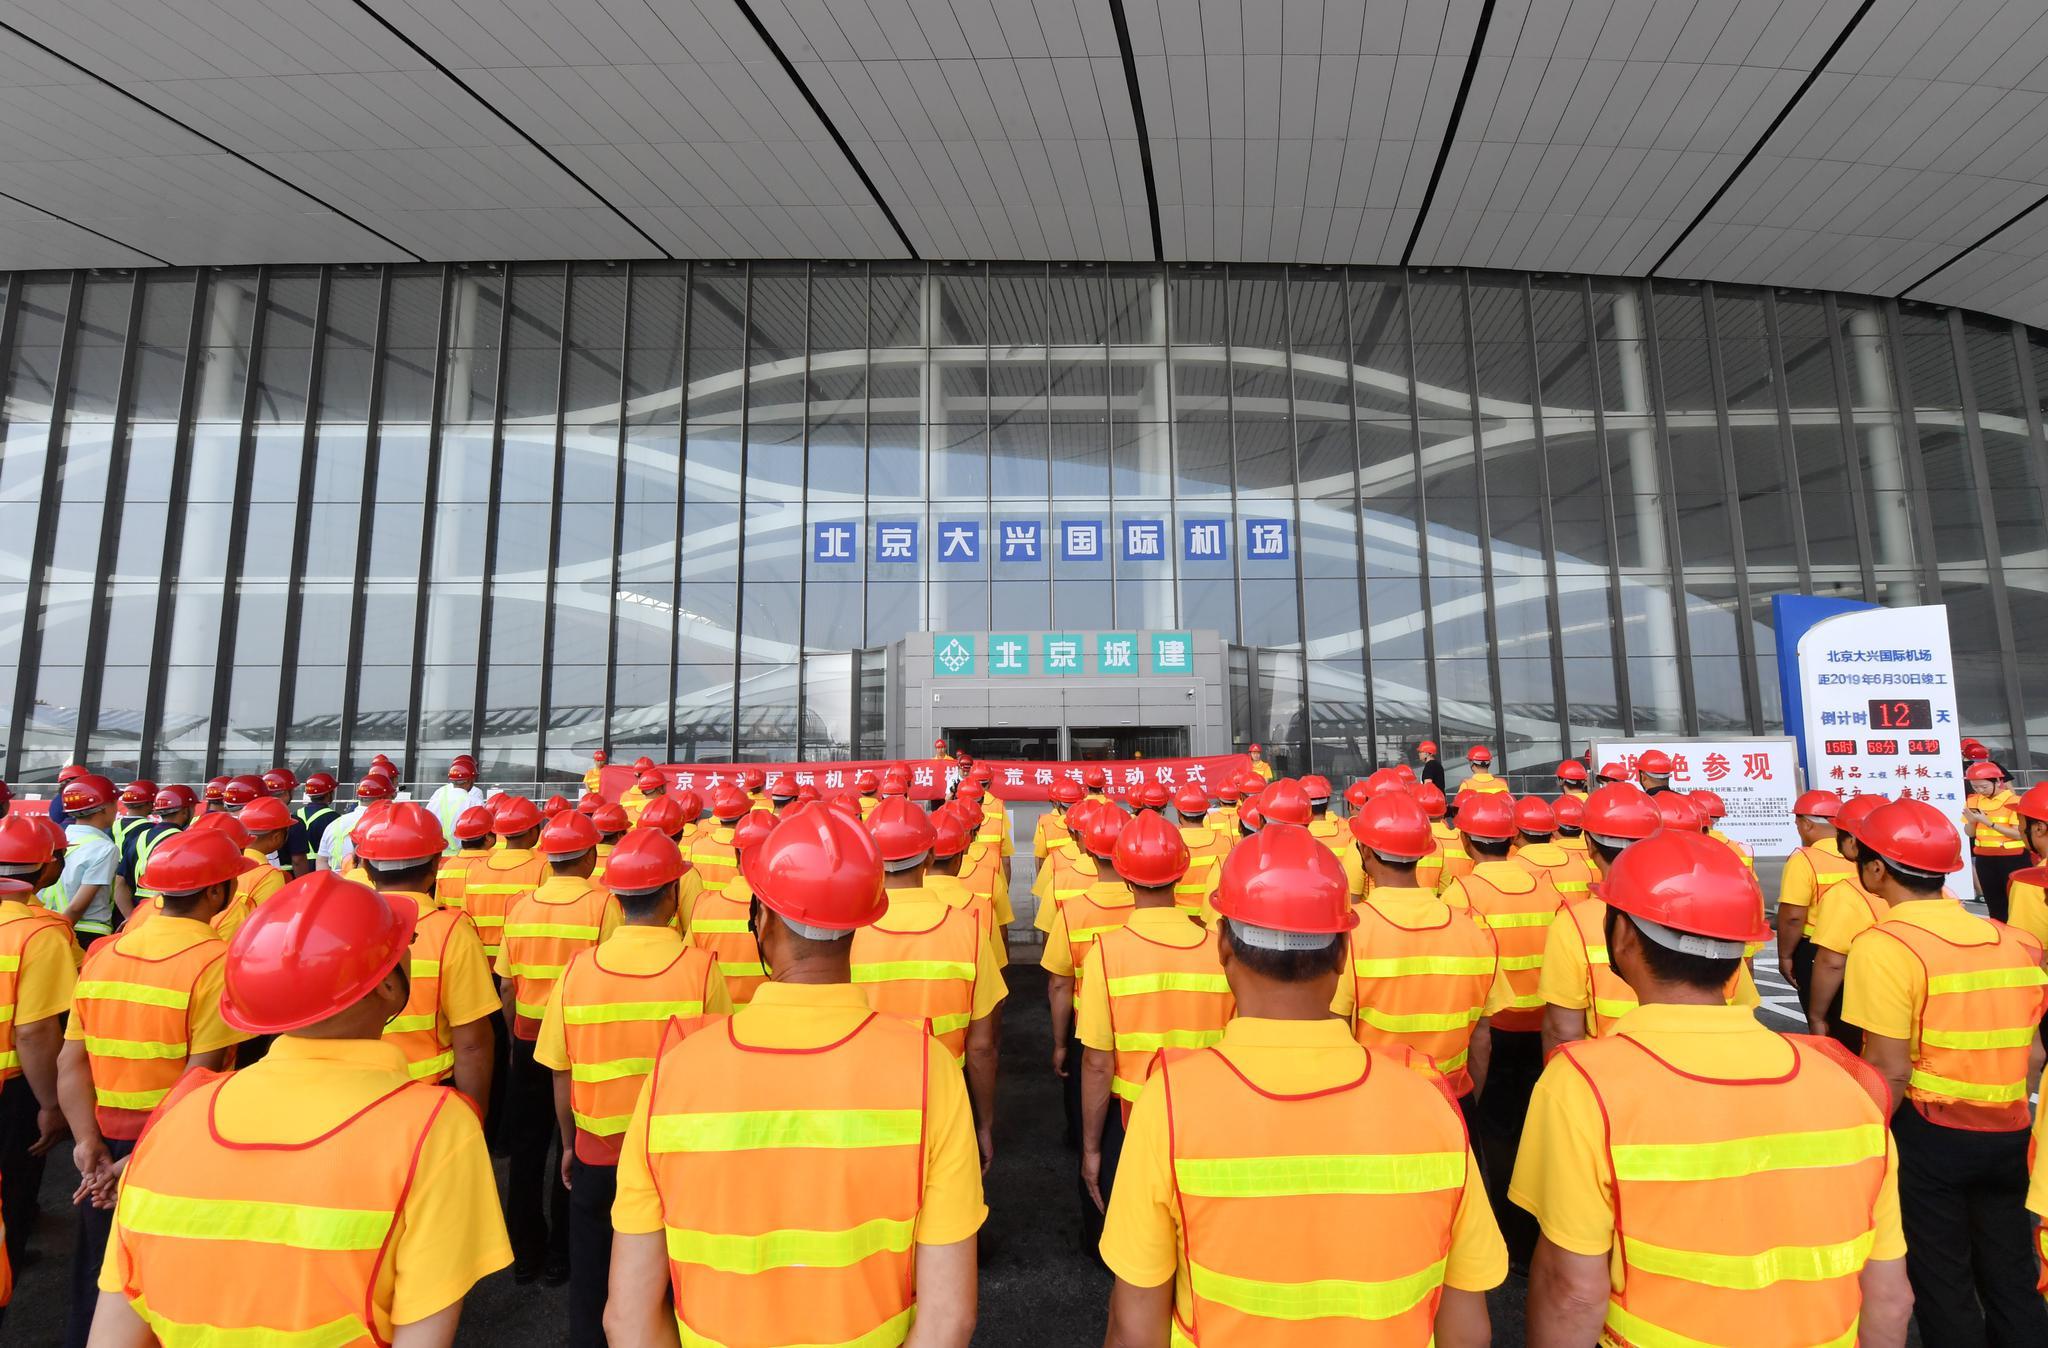 保洁人员在倒计时牌前集结就位。摄影/新京报记者李木易